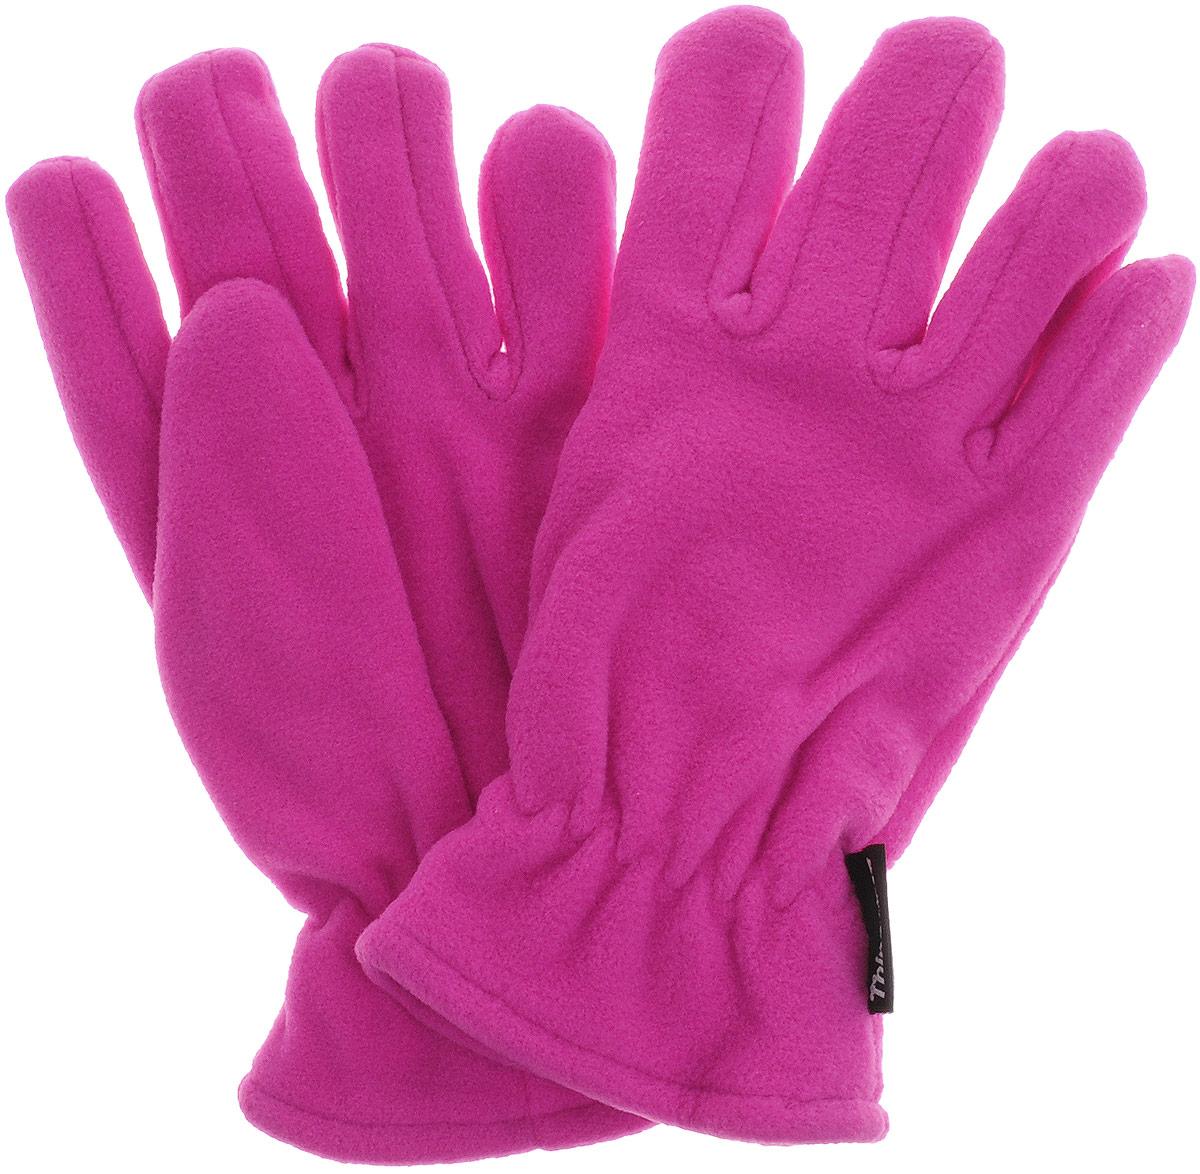 ПерчаткиB-3610Женские флисовые перчатки-варежки R.Mountain не только защитят ваши руки, но и станут великолепным украшением. Изделие представляет собой перчатки без пальцев, к внешней стороне которых крепится капюшон, накинув его на пальцы, перчатки превращаются в варежки. Капюшон фиксируется на перчатке при помощи липучки. Специальная резинка на пульсе не допустит попадания снега и надёжно удержит перчатки на руке.